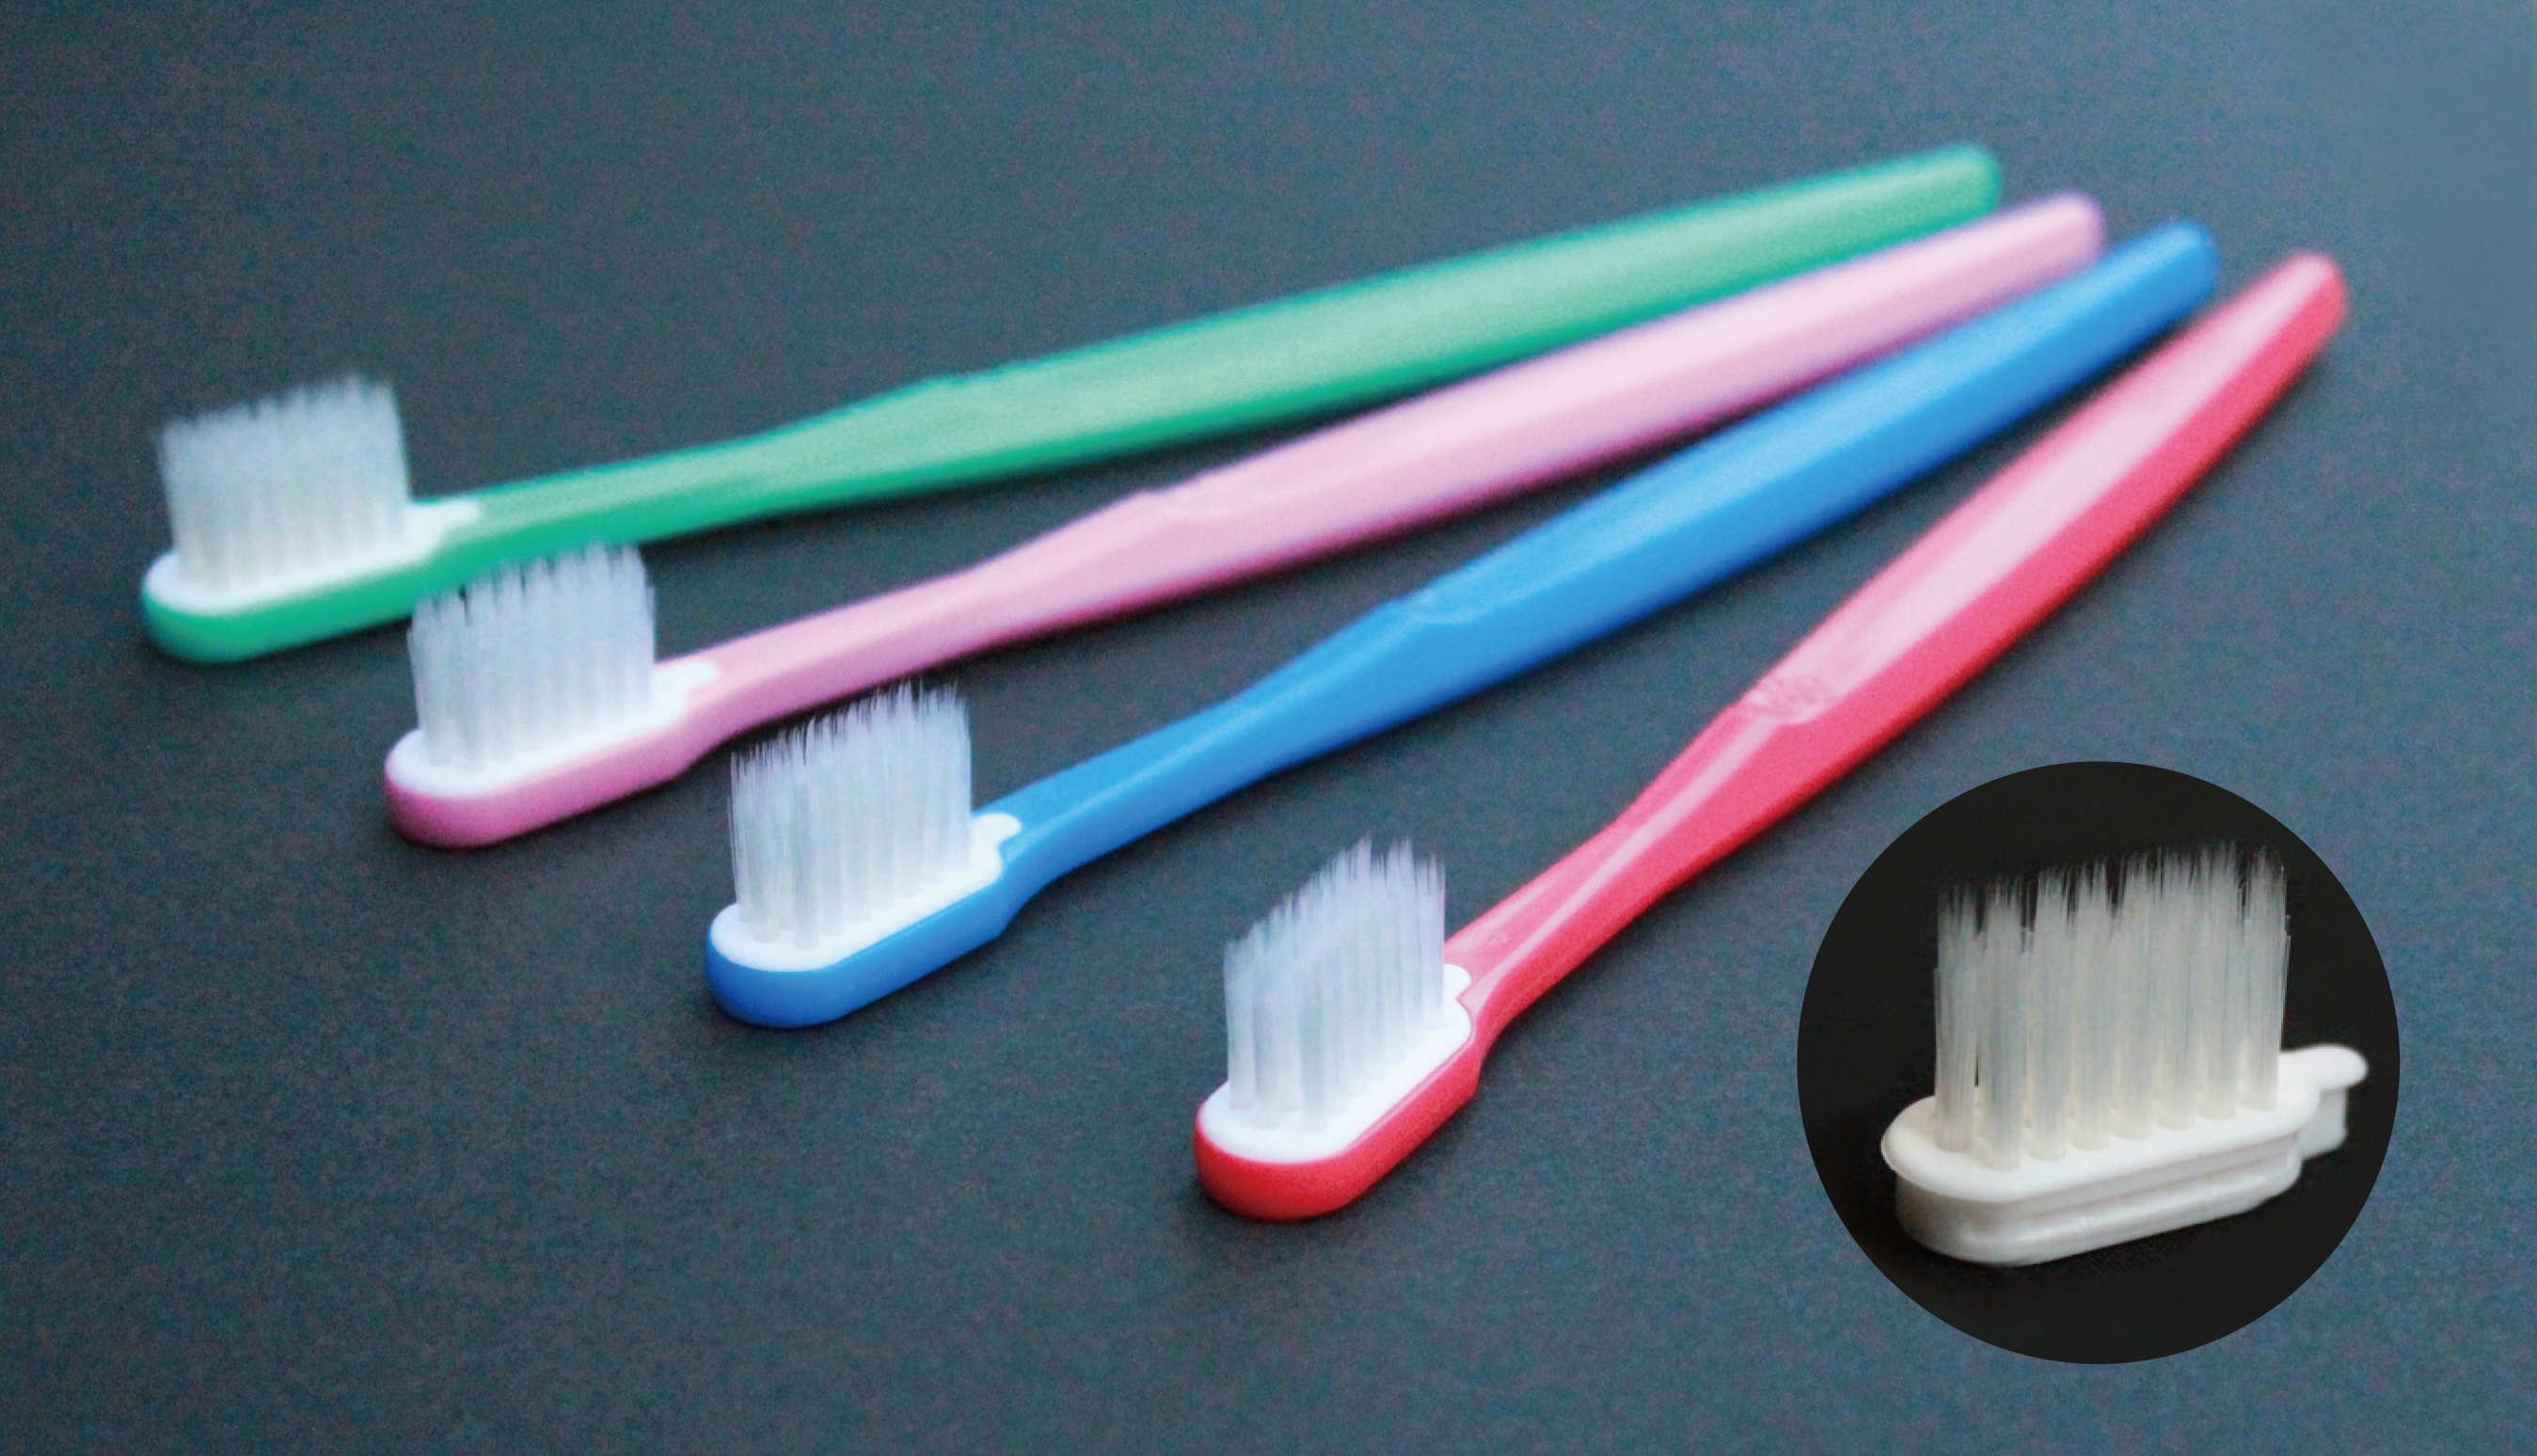 ブラシを交換する歯ブラシ~みんなの力で地球を守ろう!カーボン・オフセットキャンペーン